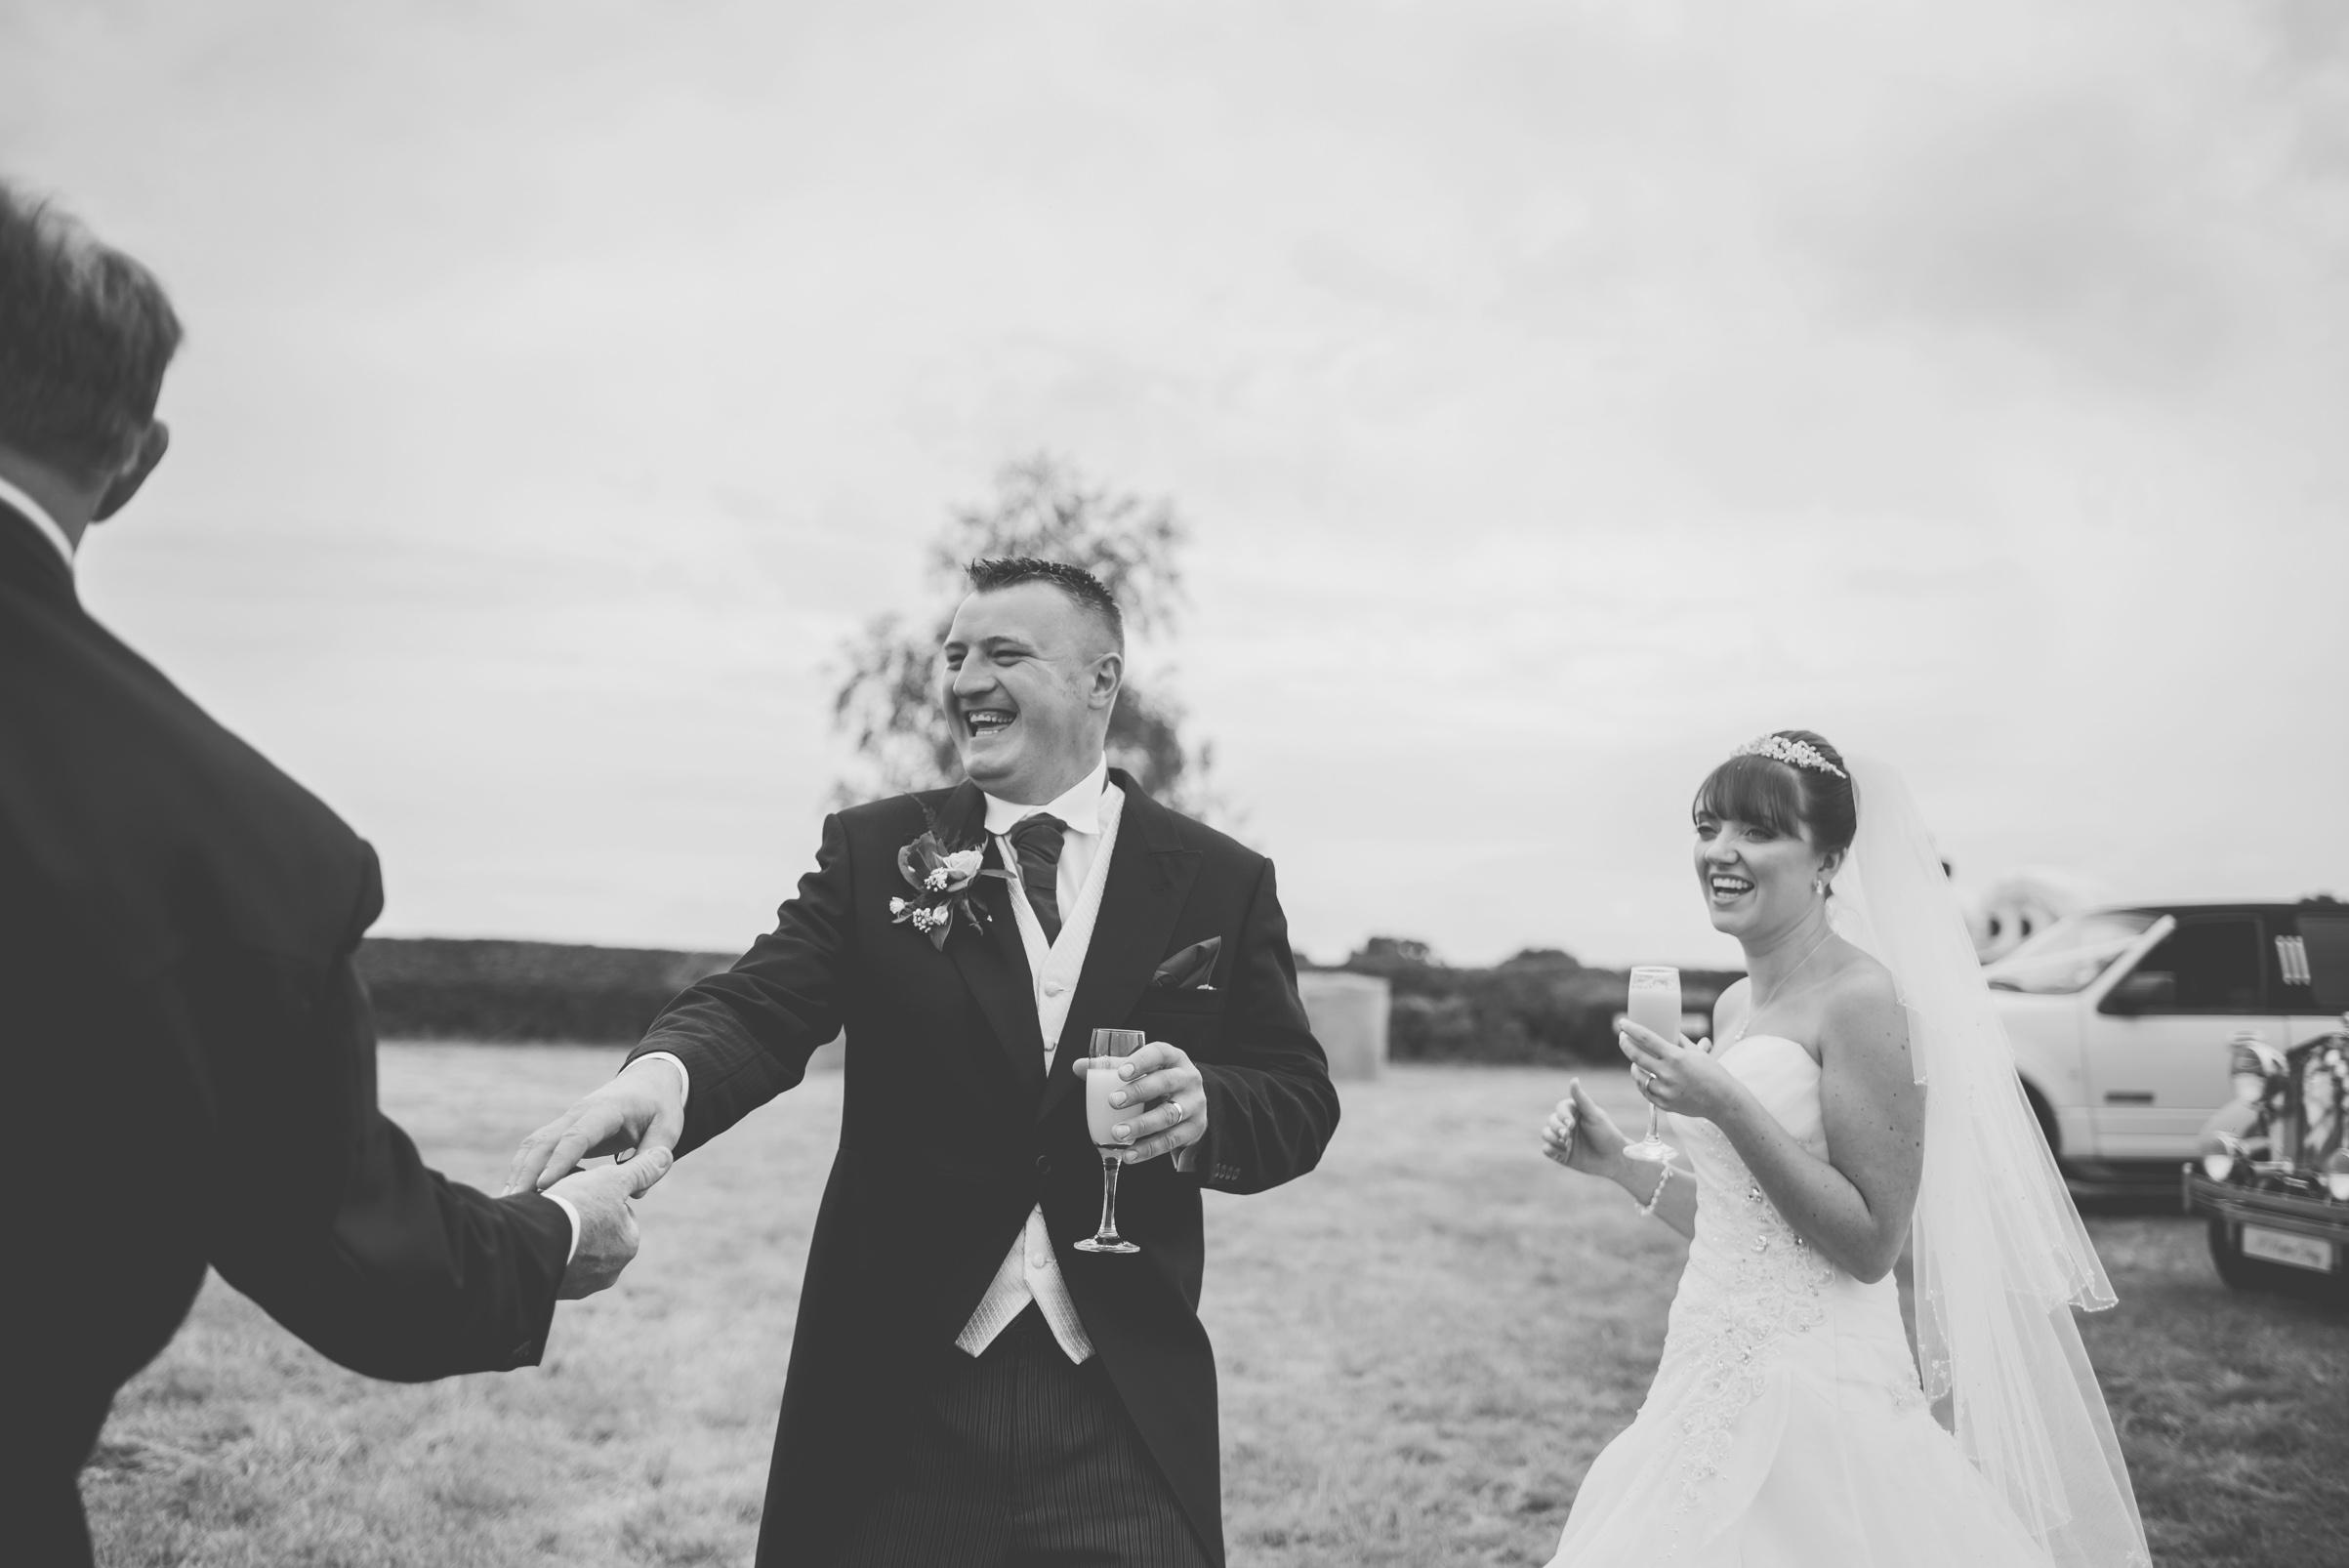 Farm-wedding-staffordshire-st-marys-catholic-church-uttoxter-58.jpg